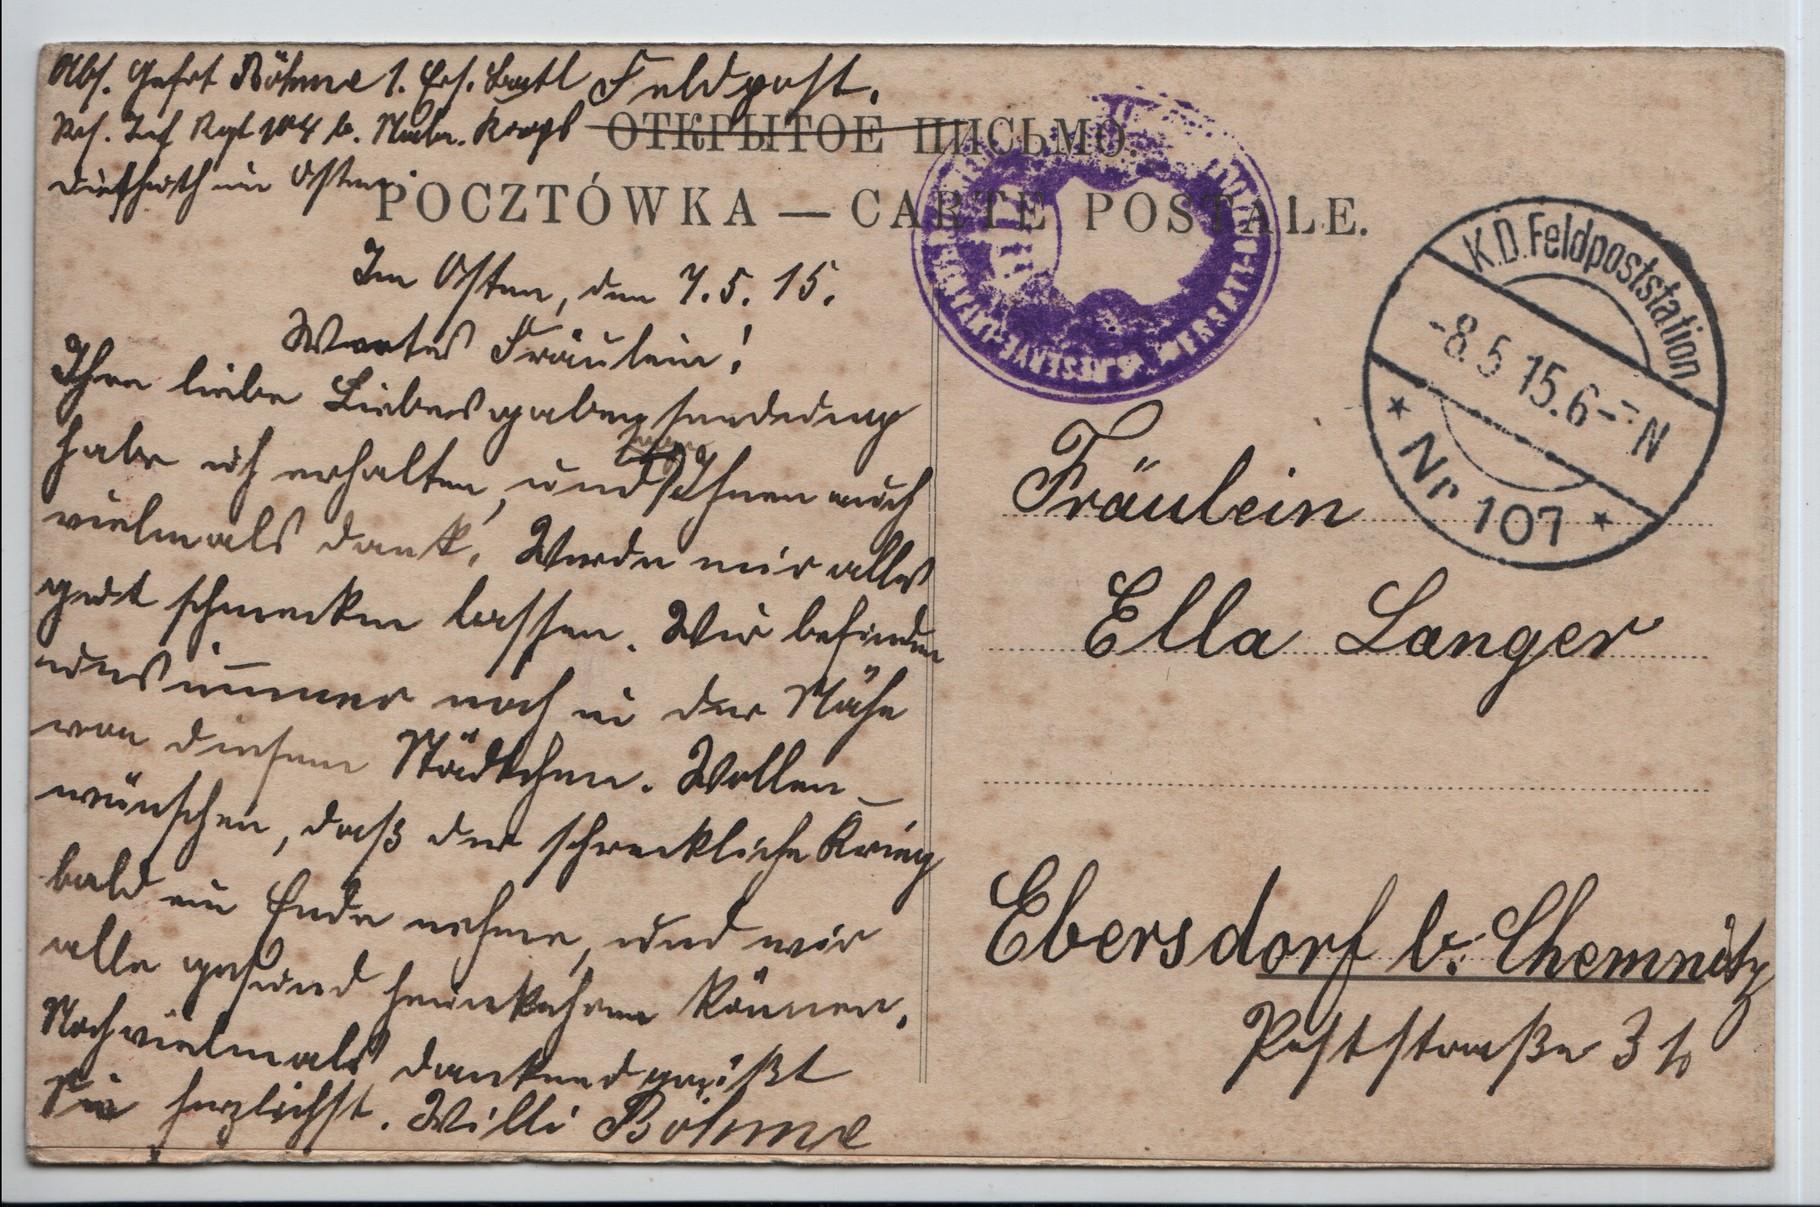 2. 8 May 1916